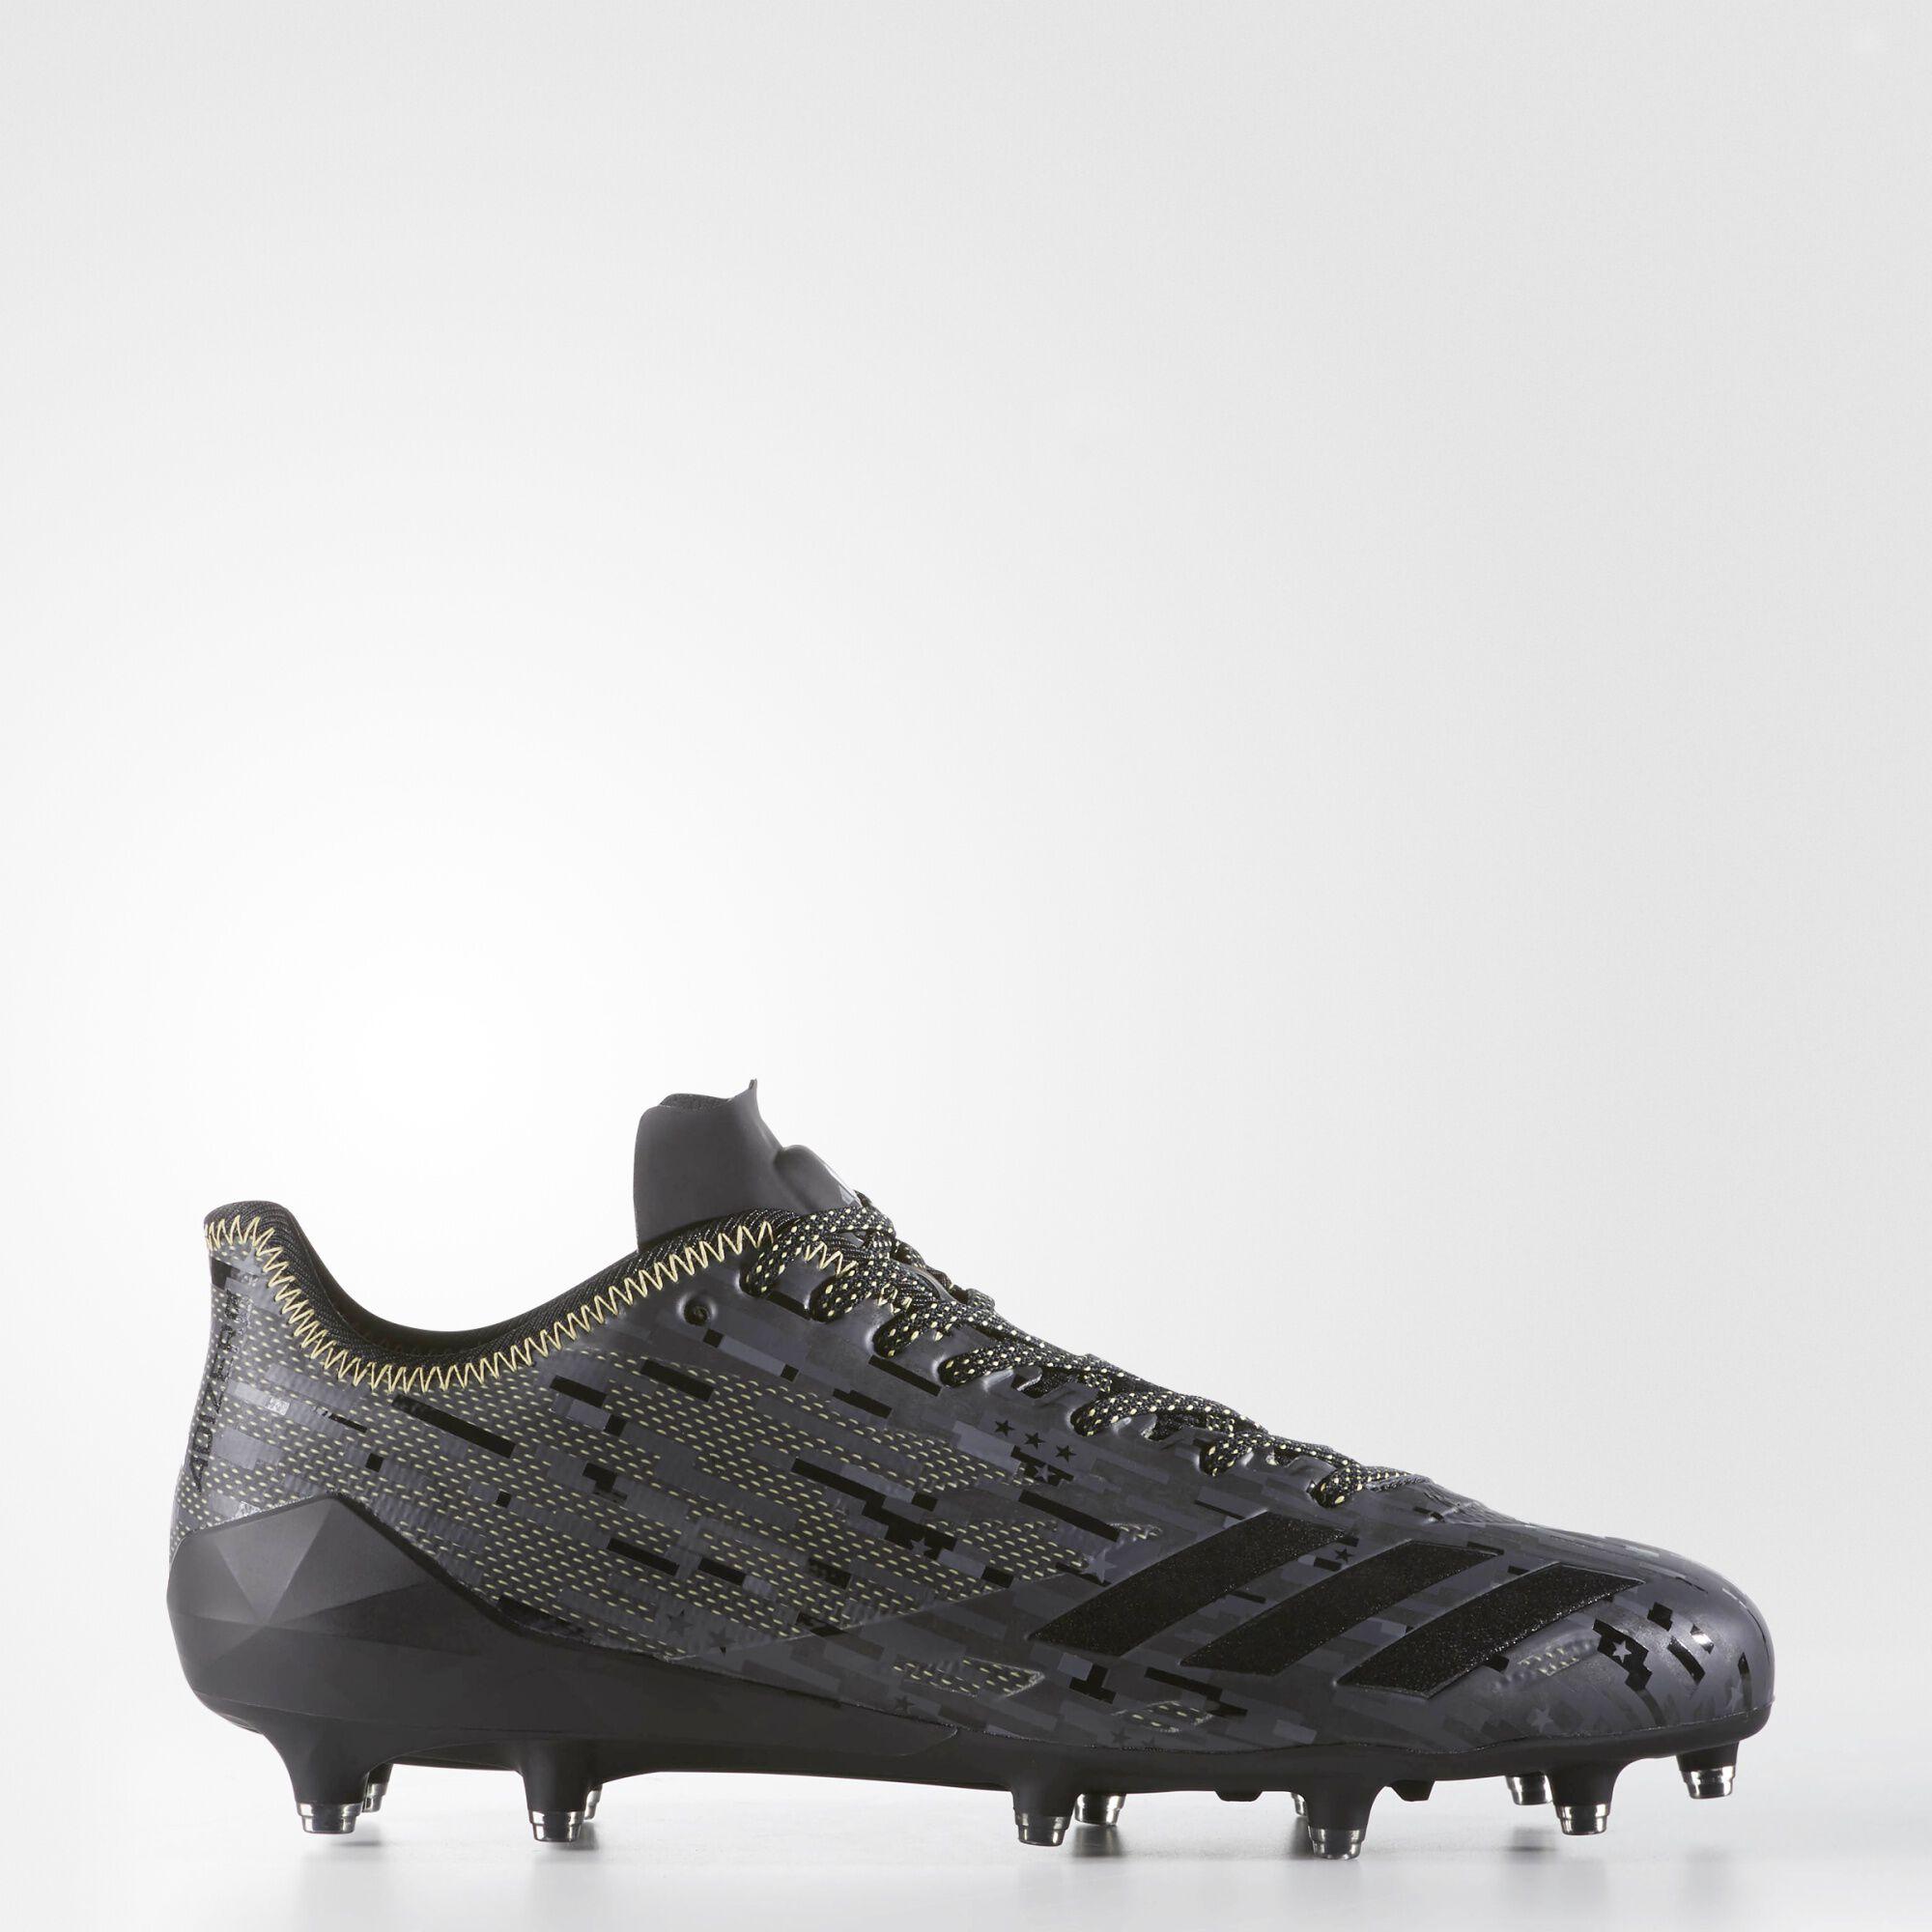 football cleats adidas